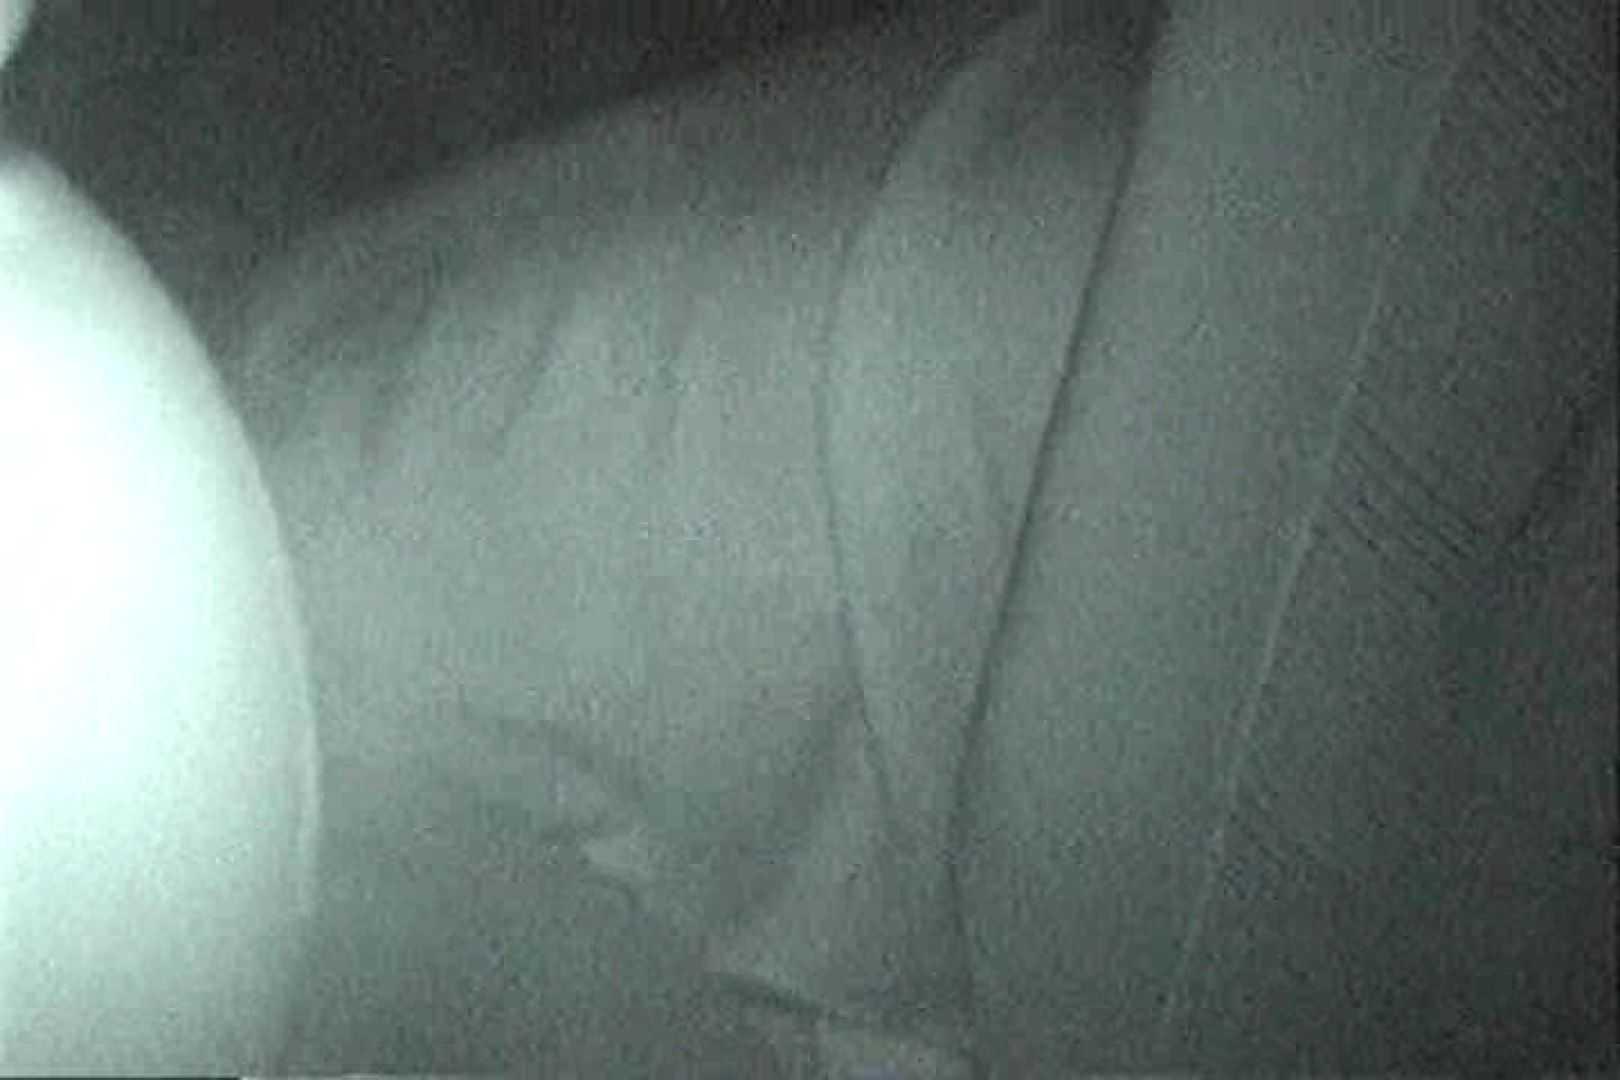 充血監督の深夜の運動会Vol.157 OLセックス   車  109画像 87